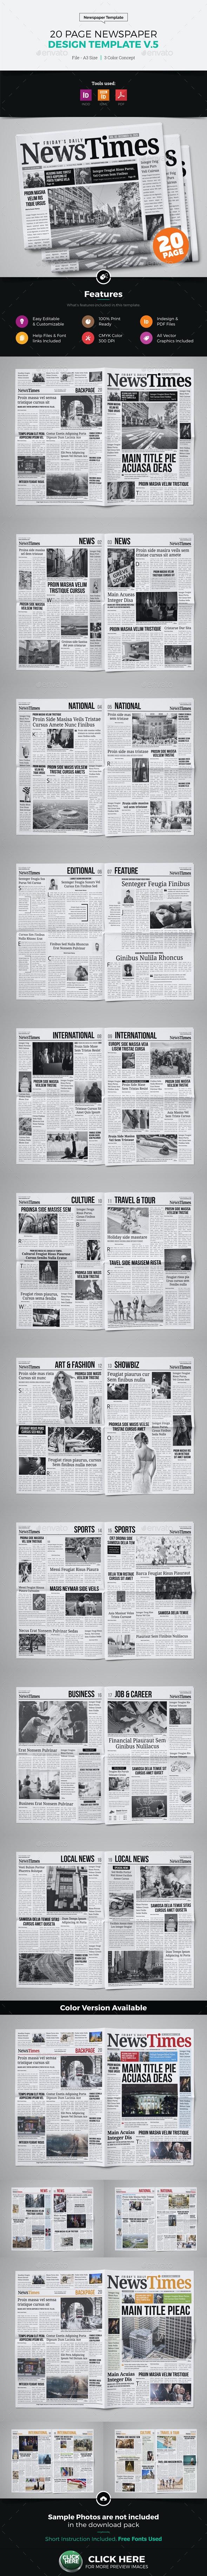 20 Page Newspaper Design v5